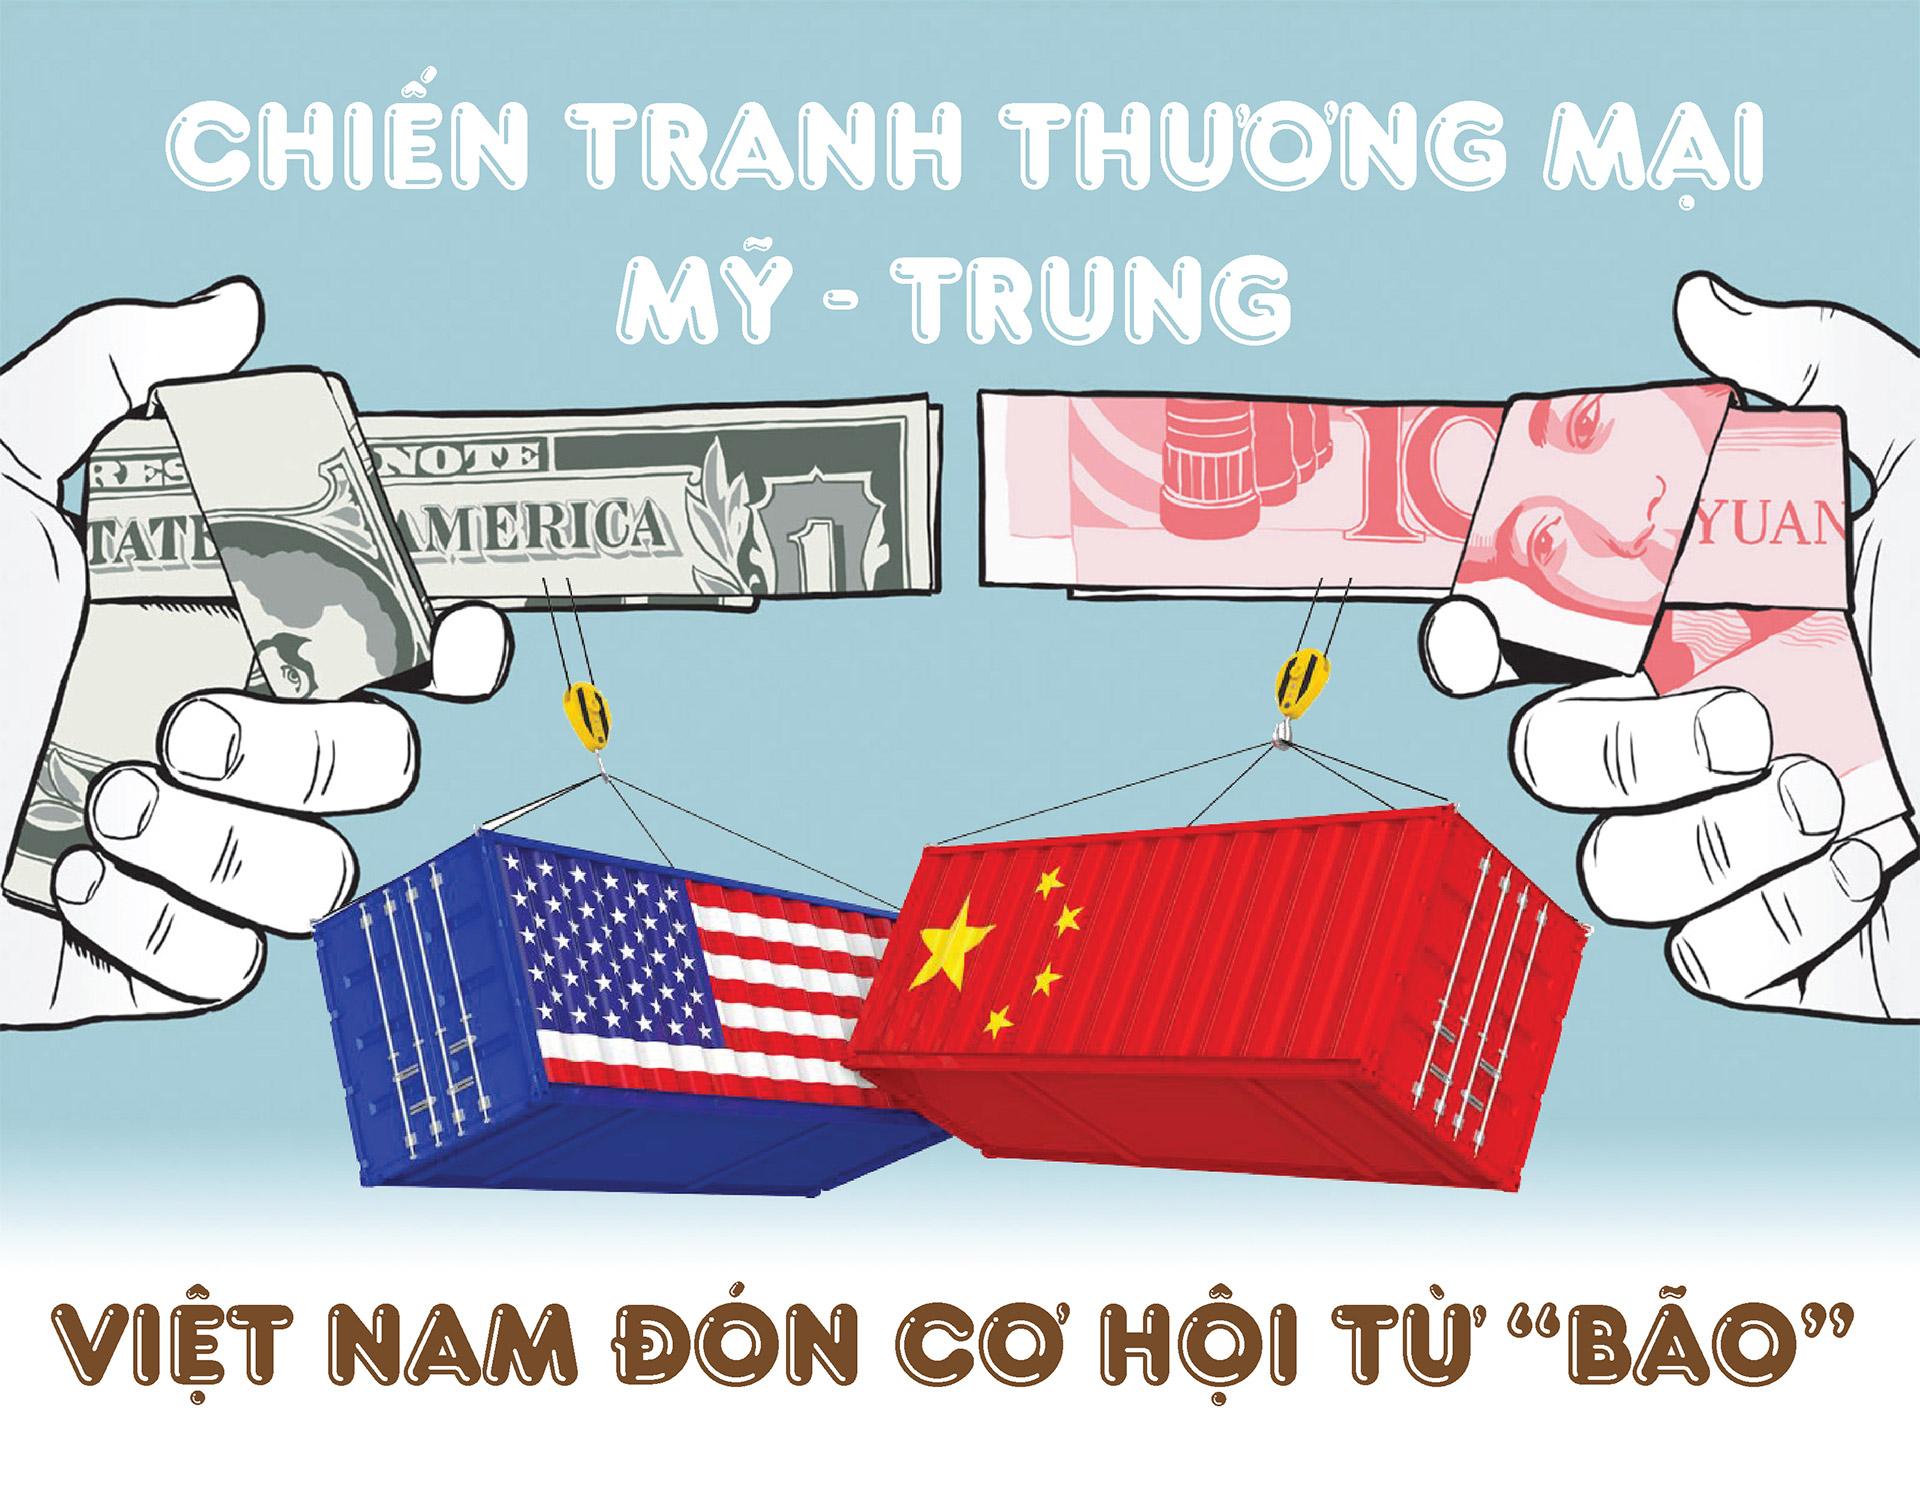 """Chiến tranh thương mại Mỹ - Trung: Việt Nam đón cơ hội từ """"bão"""" - 1"""